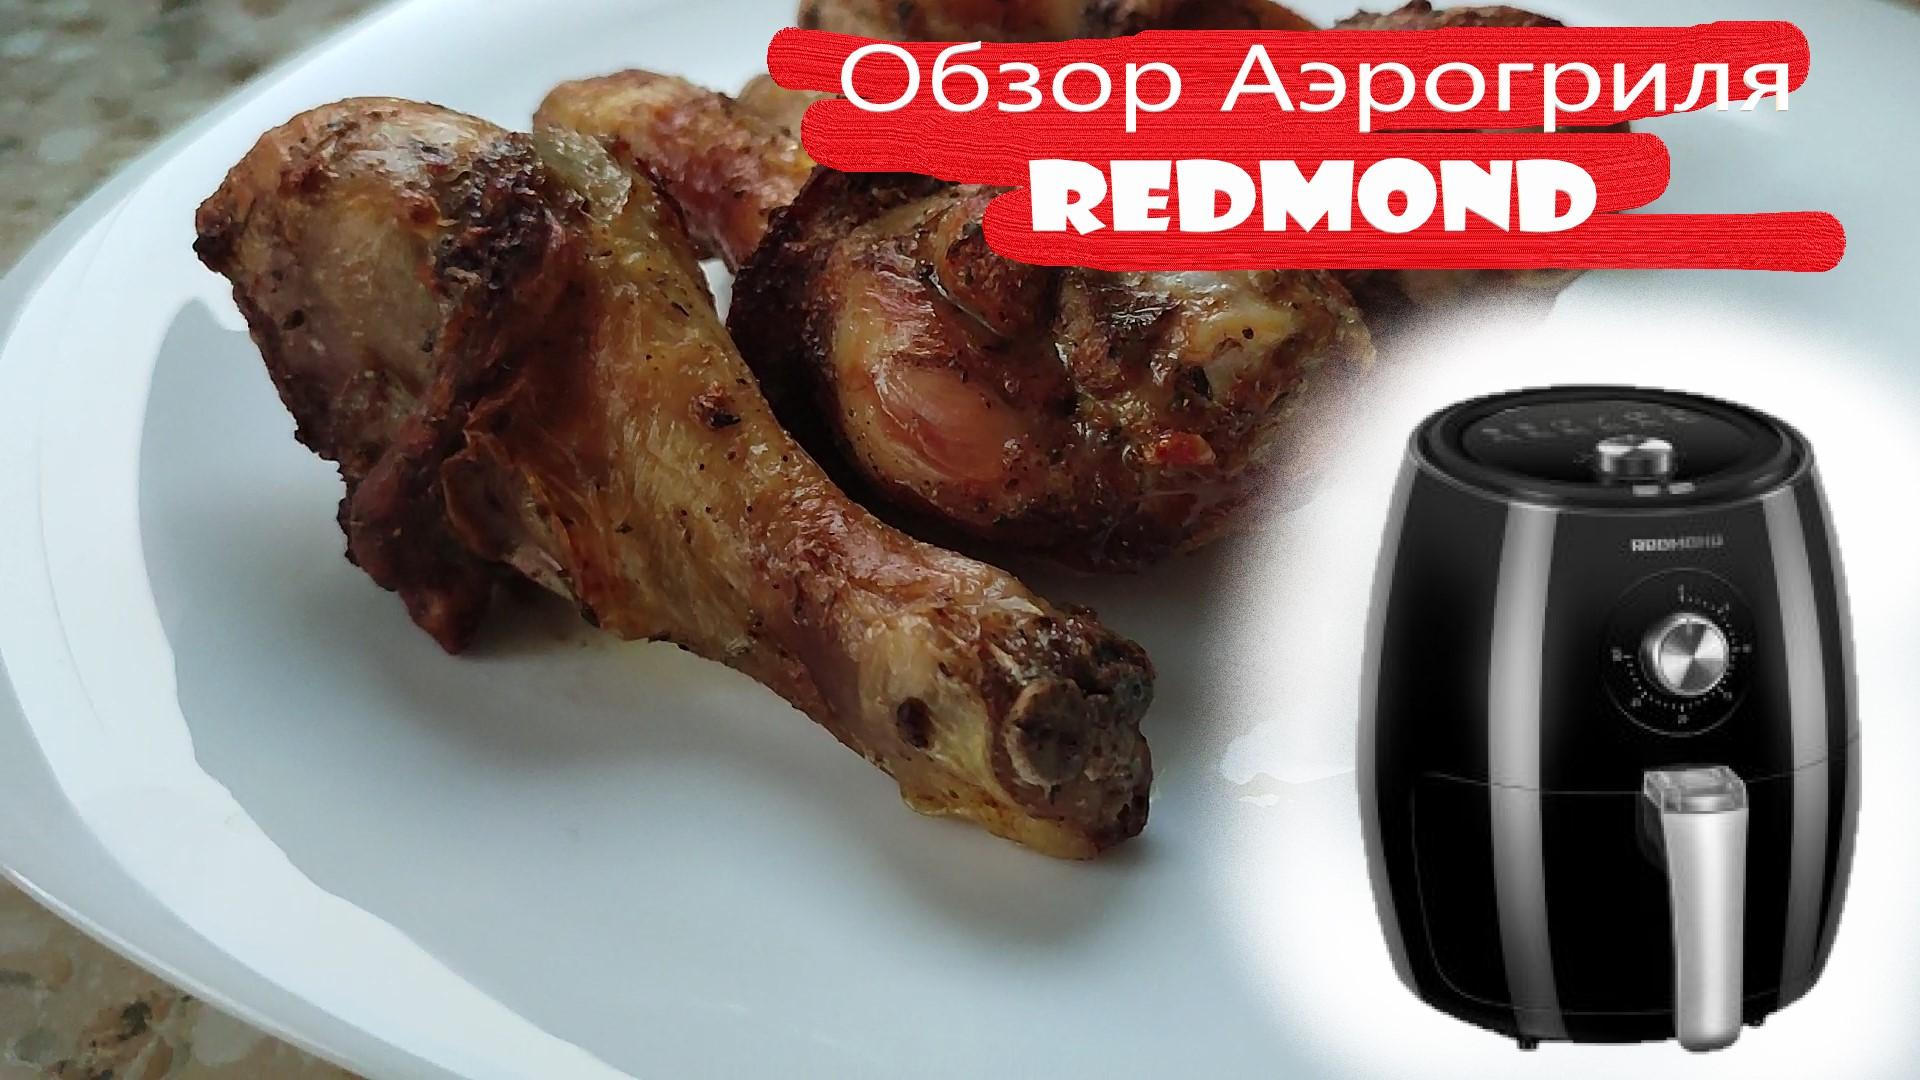 Сочные куриные голени. Обзор Аэрогриля REDMOND RAG-246